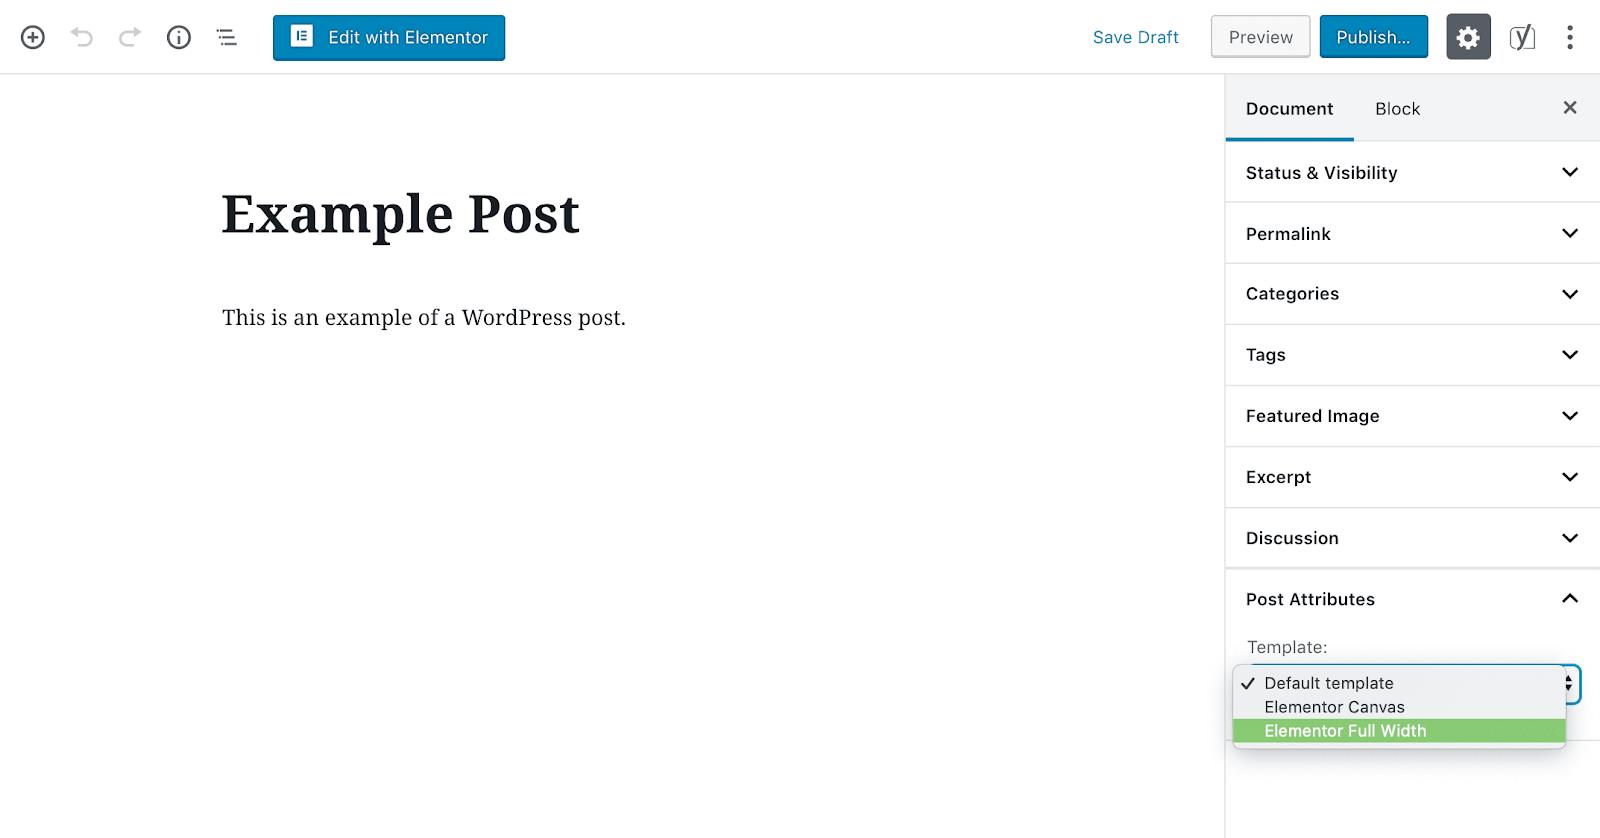 full-width文章模板示例